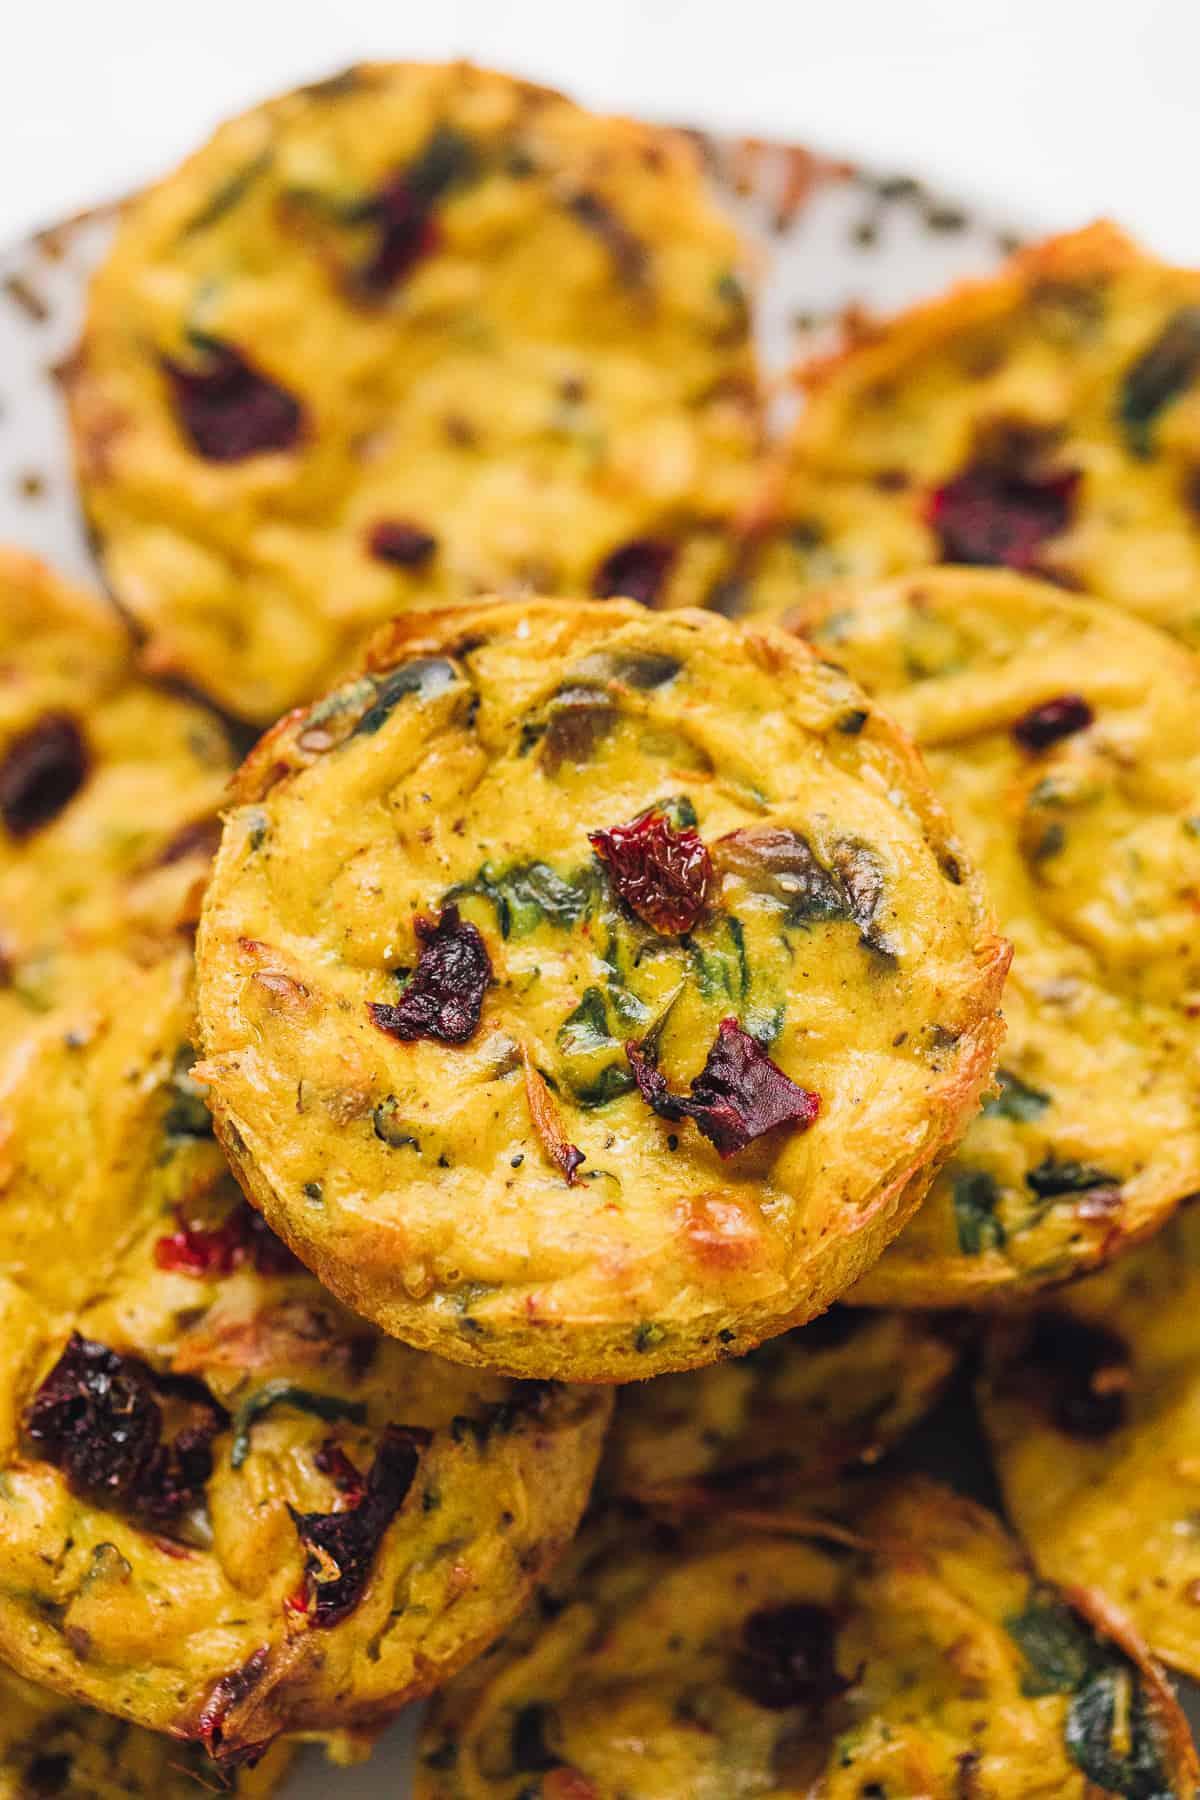 close up of vegan quiche muffin